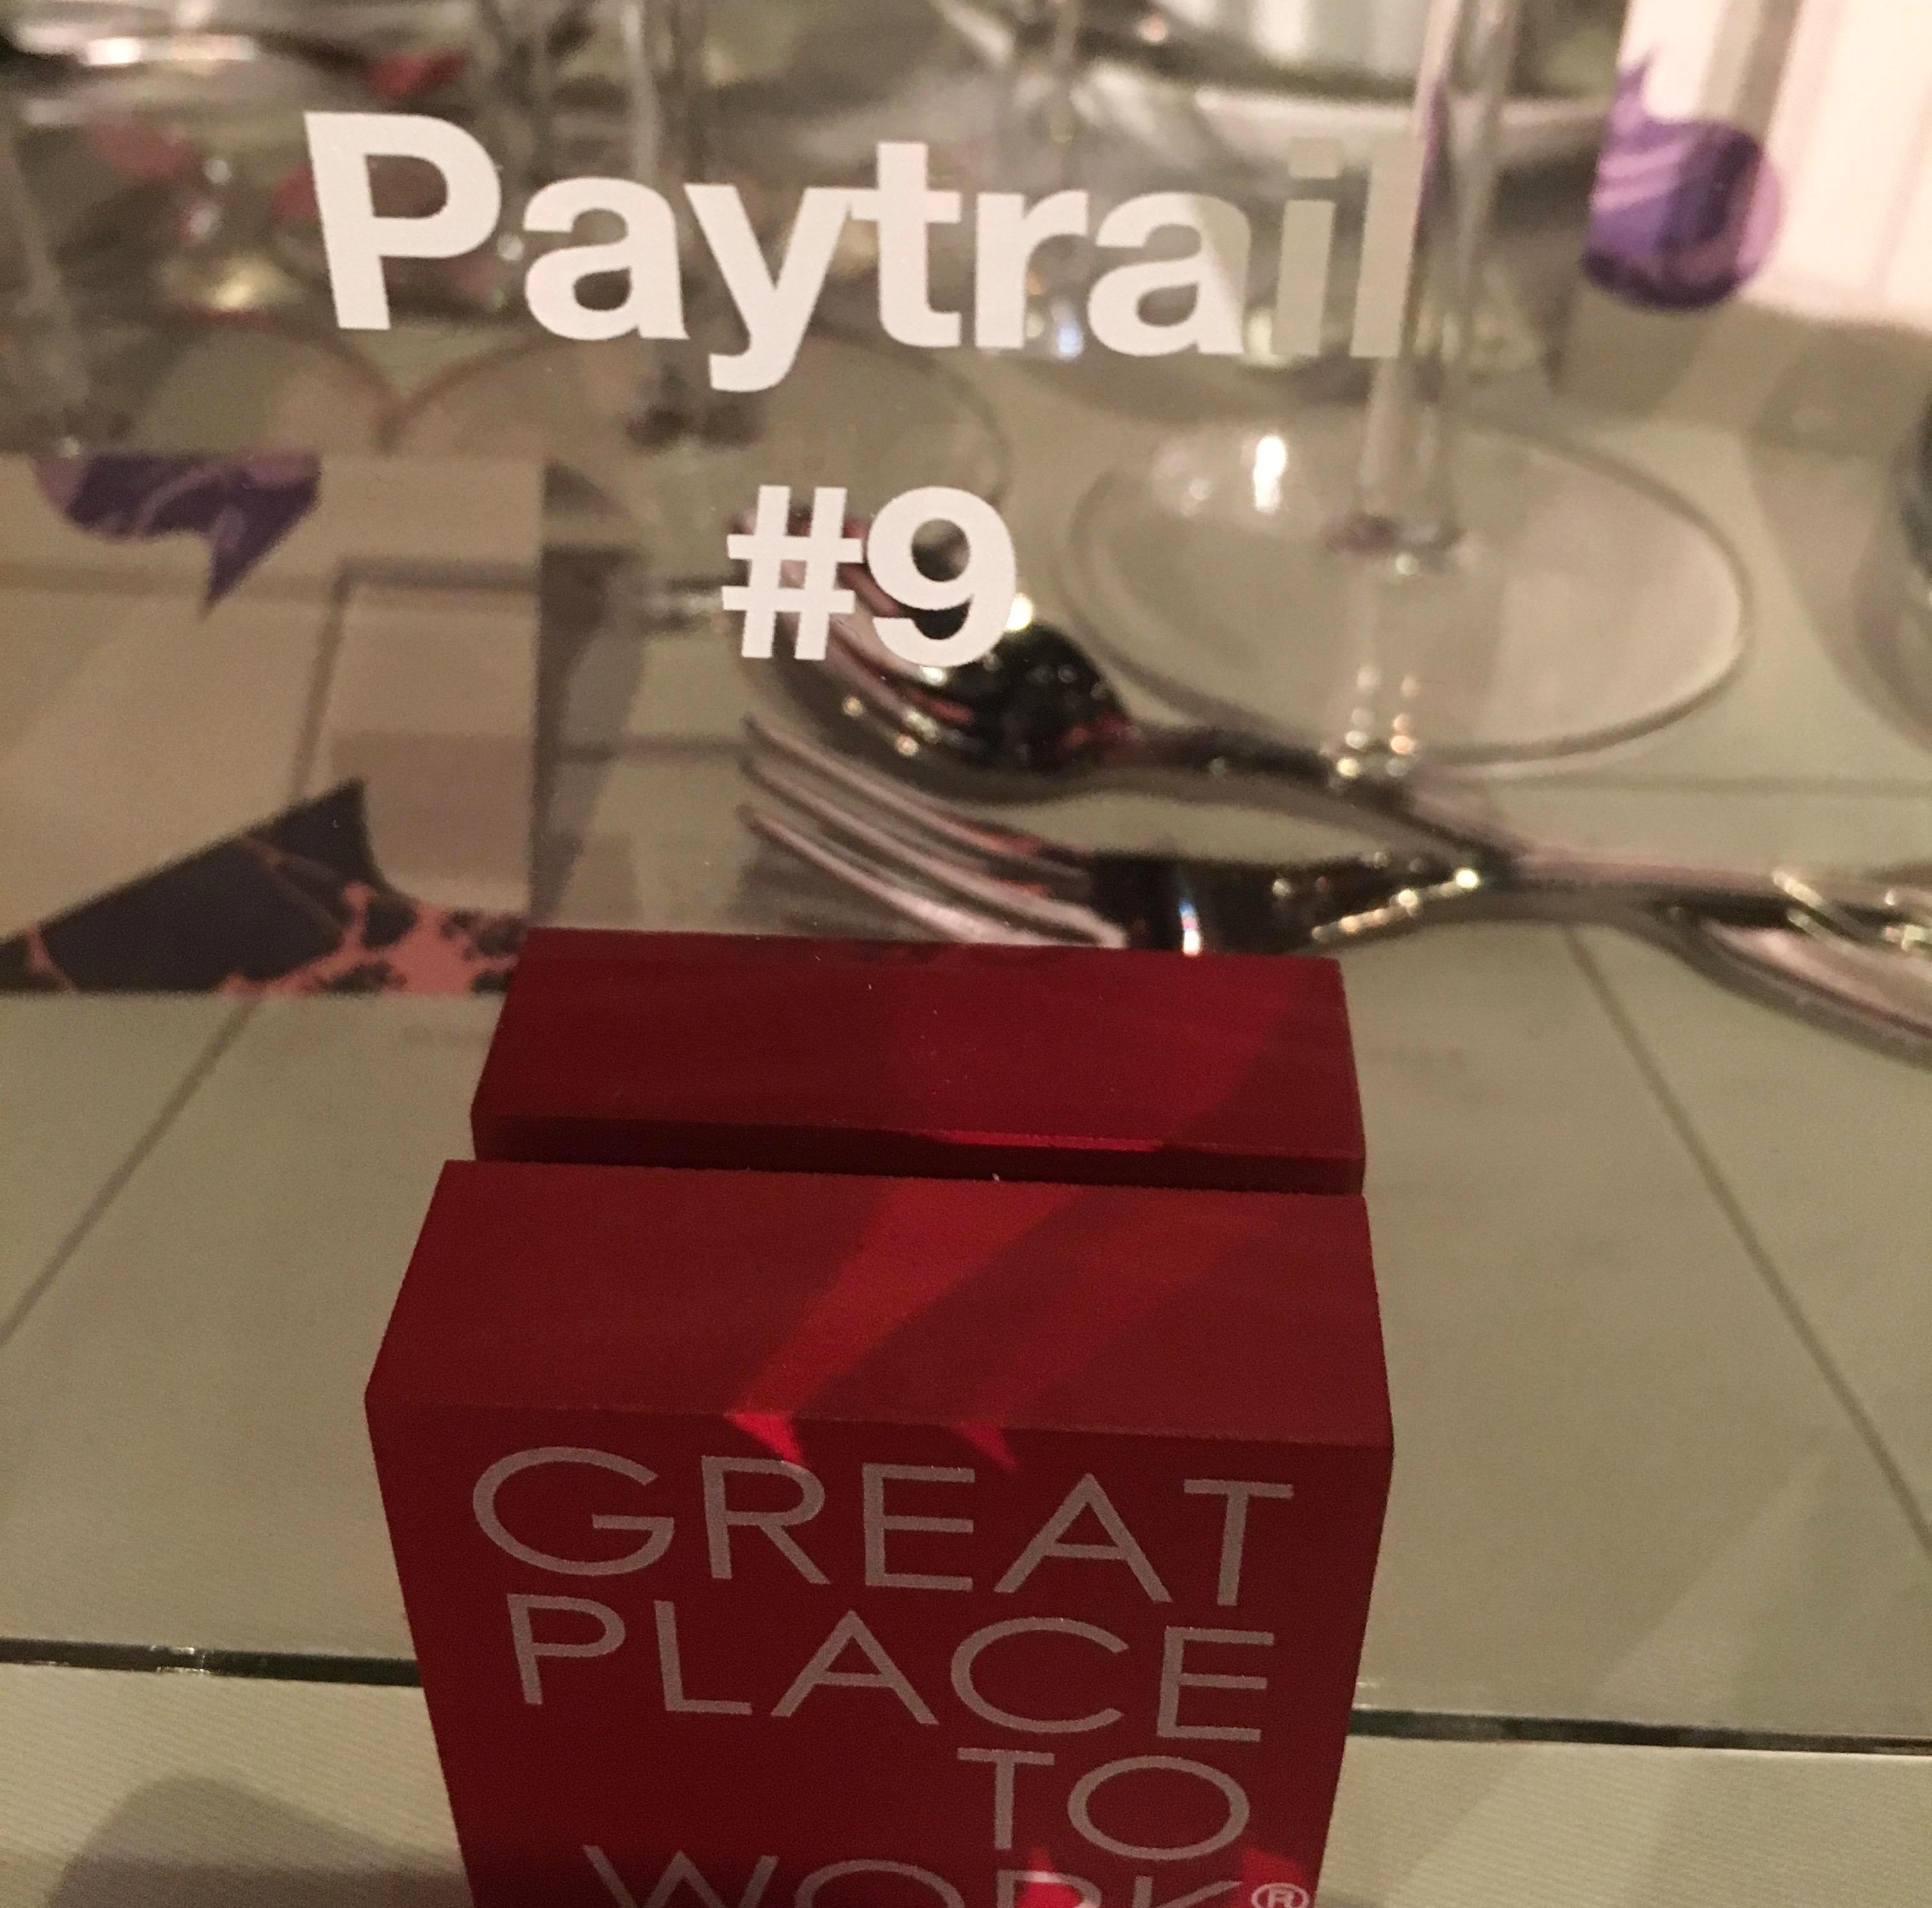 Paytrail Great Place to Work 2017 #9 -Työpaikan kulttuuri henkii asiakaskokemukseen